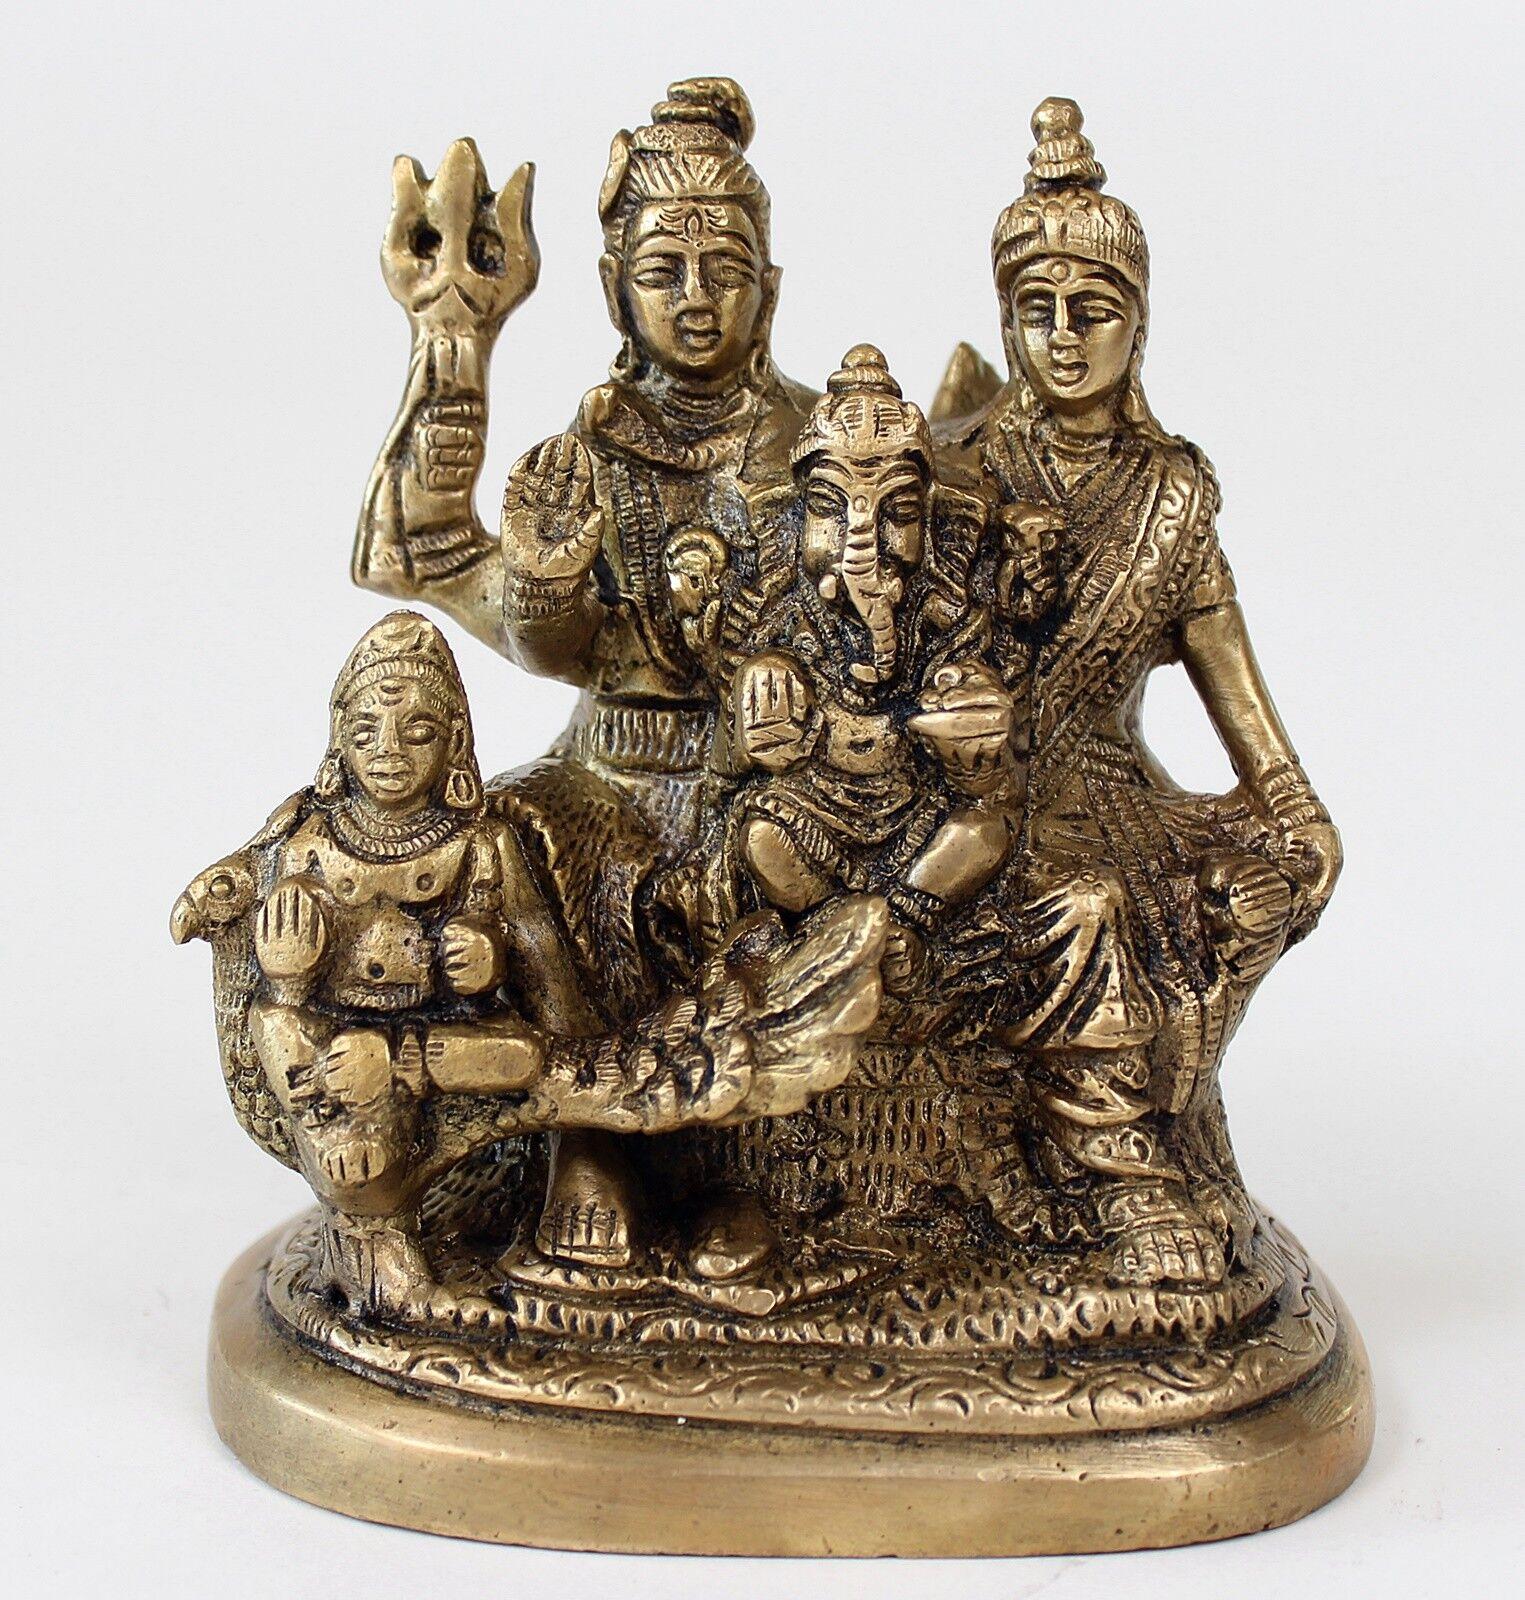 TOLLE SHIVA FAMILY 11 11 11 CM HOCH HIMALAYA BUDDHA DANCING NATARAJA  YOGA MEDITATION 893558